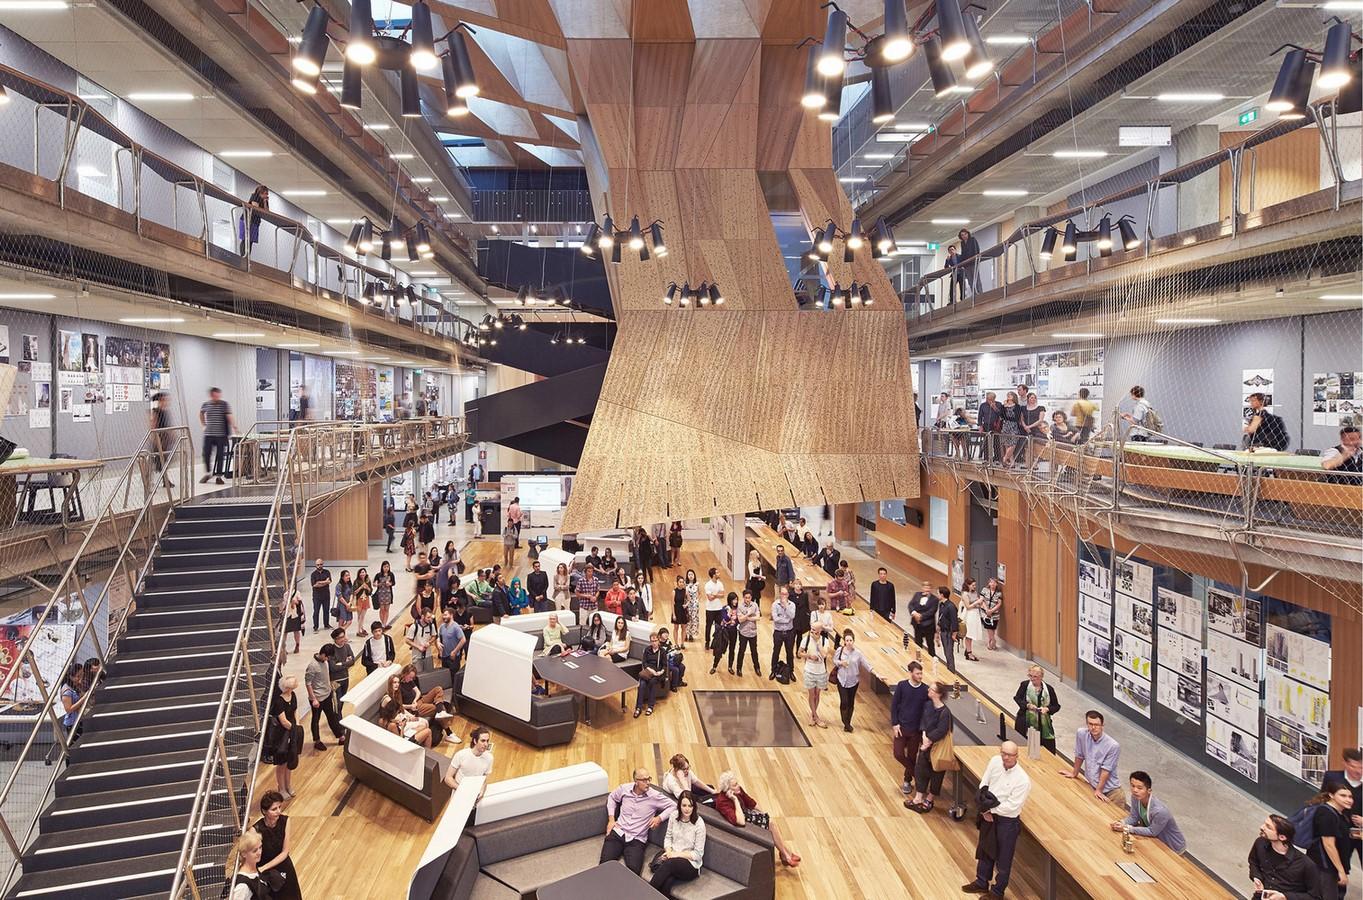 Melbourne School of Design University of Melbourne - Sheet2